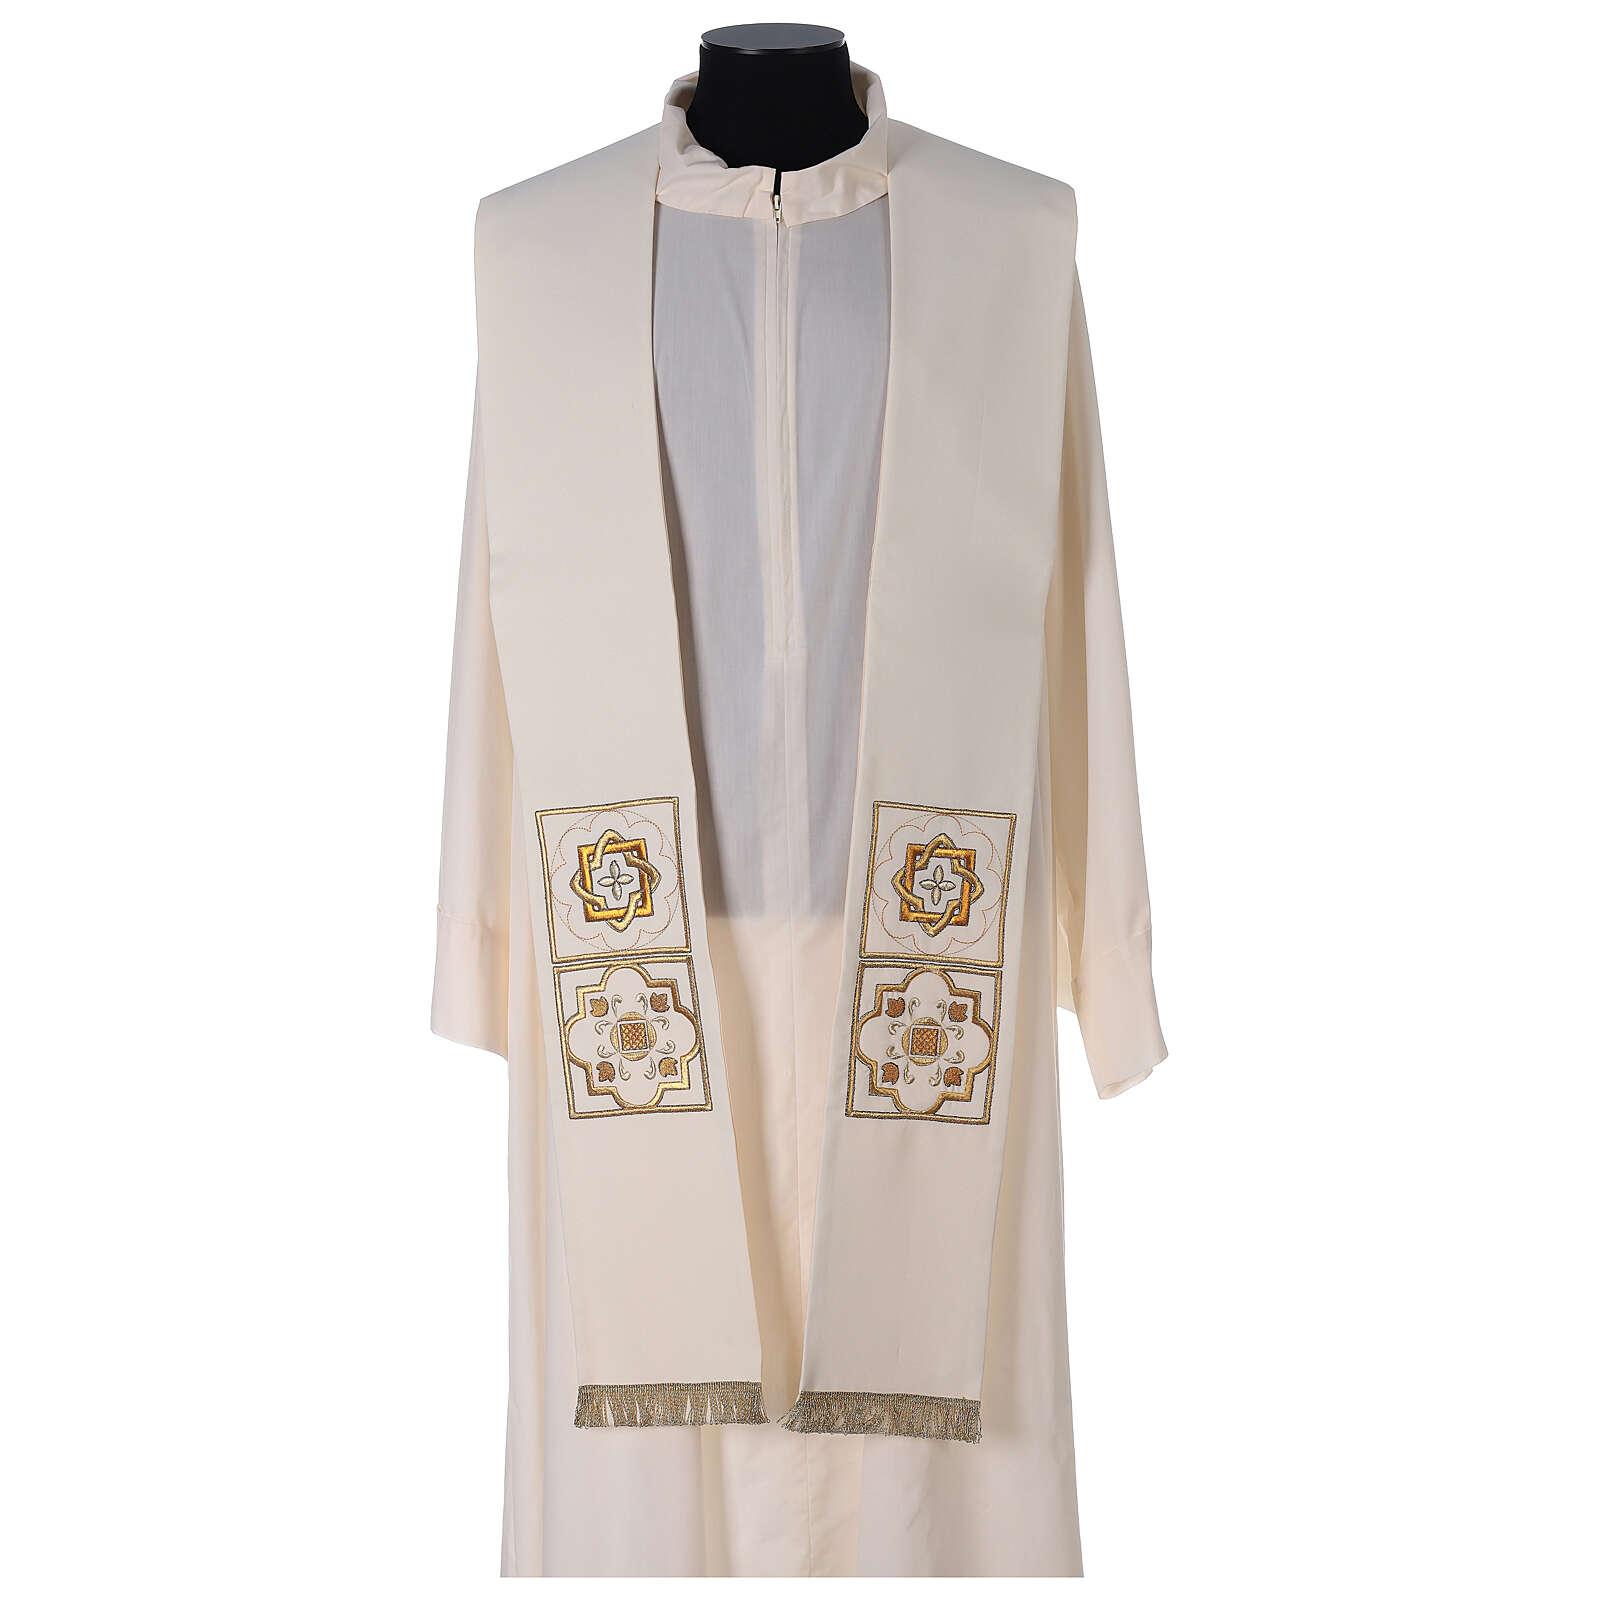 Stola poliestere ricamo dorato riquadri 4